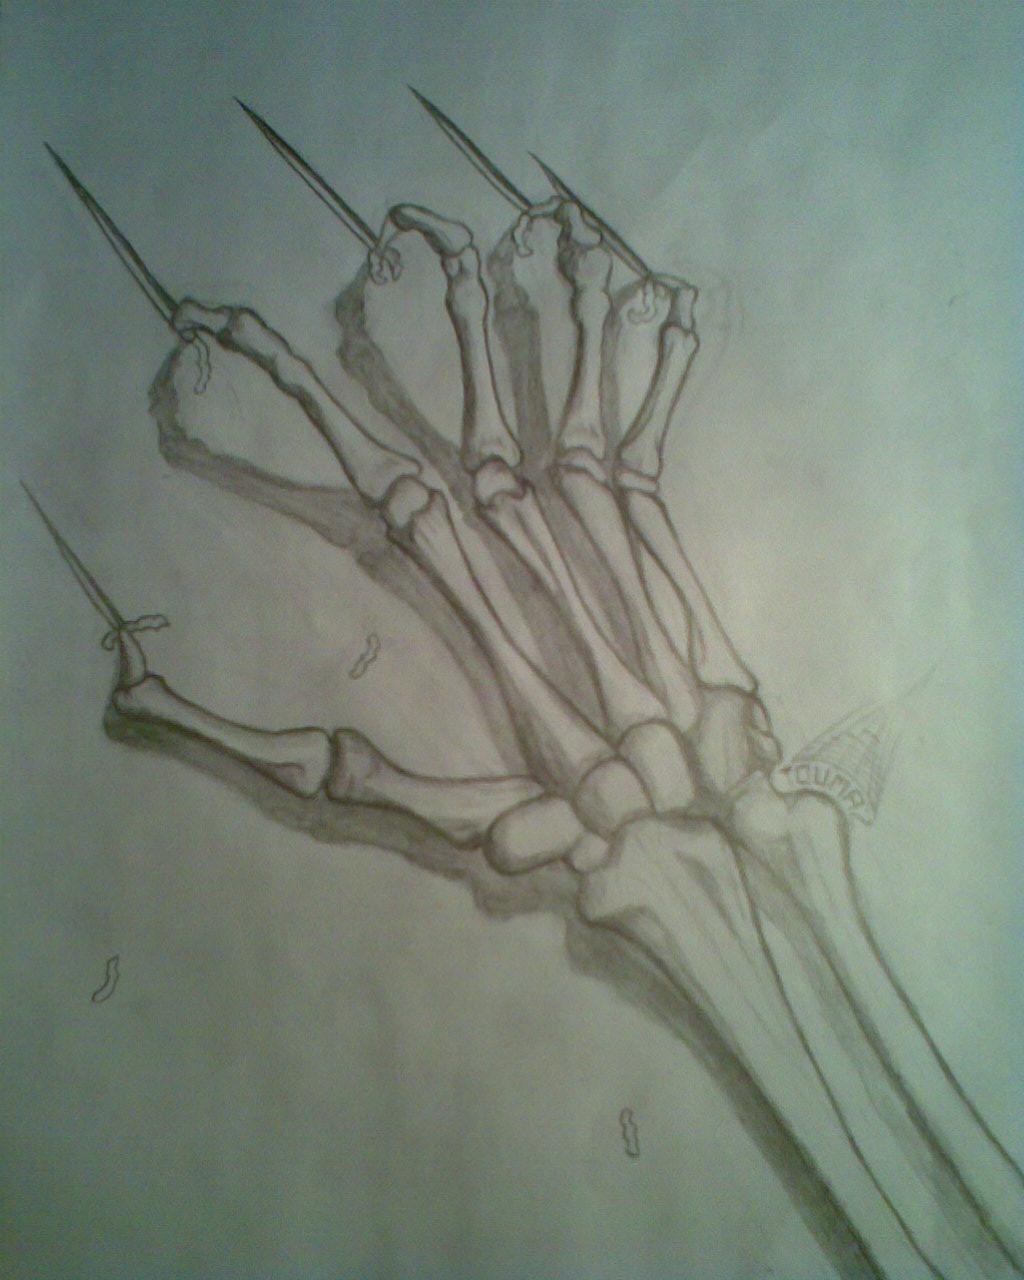 Drawn skeleton hand drawn Drawing Skeleton 2017 Drawing Skeleton